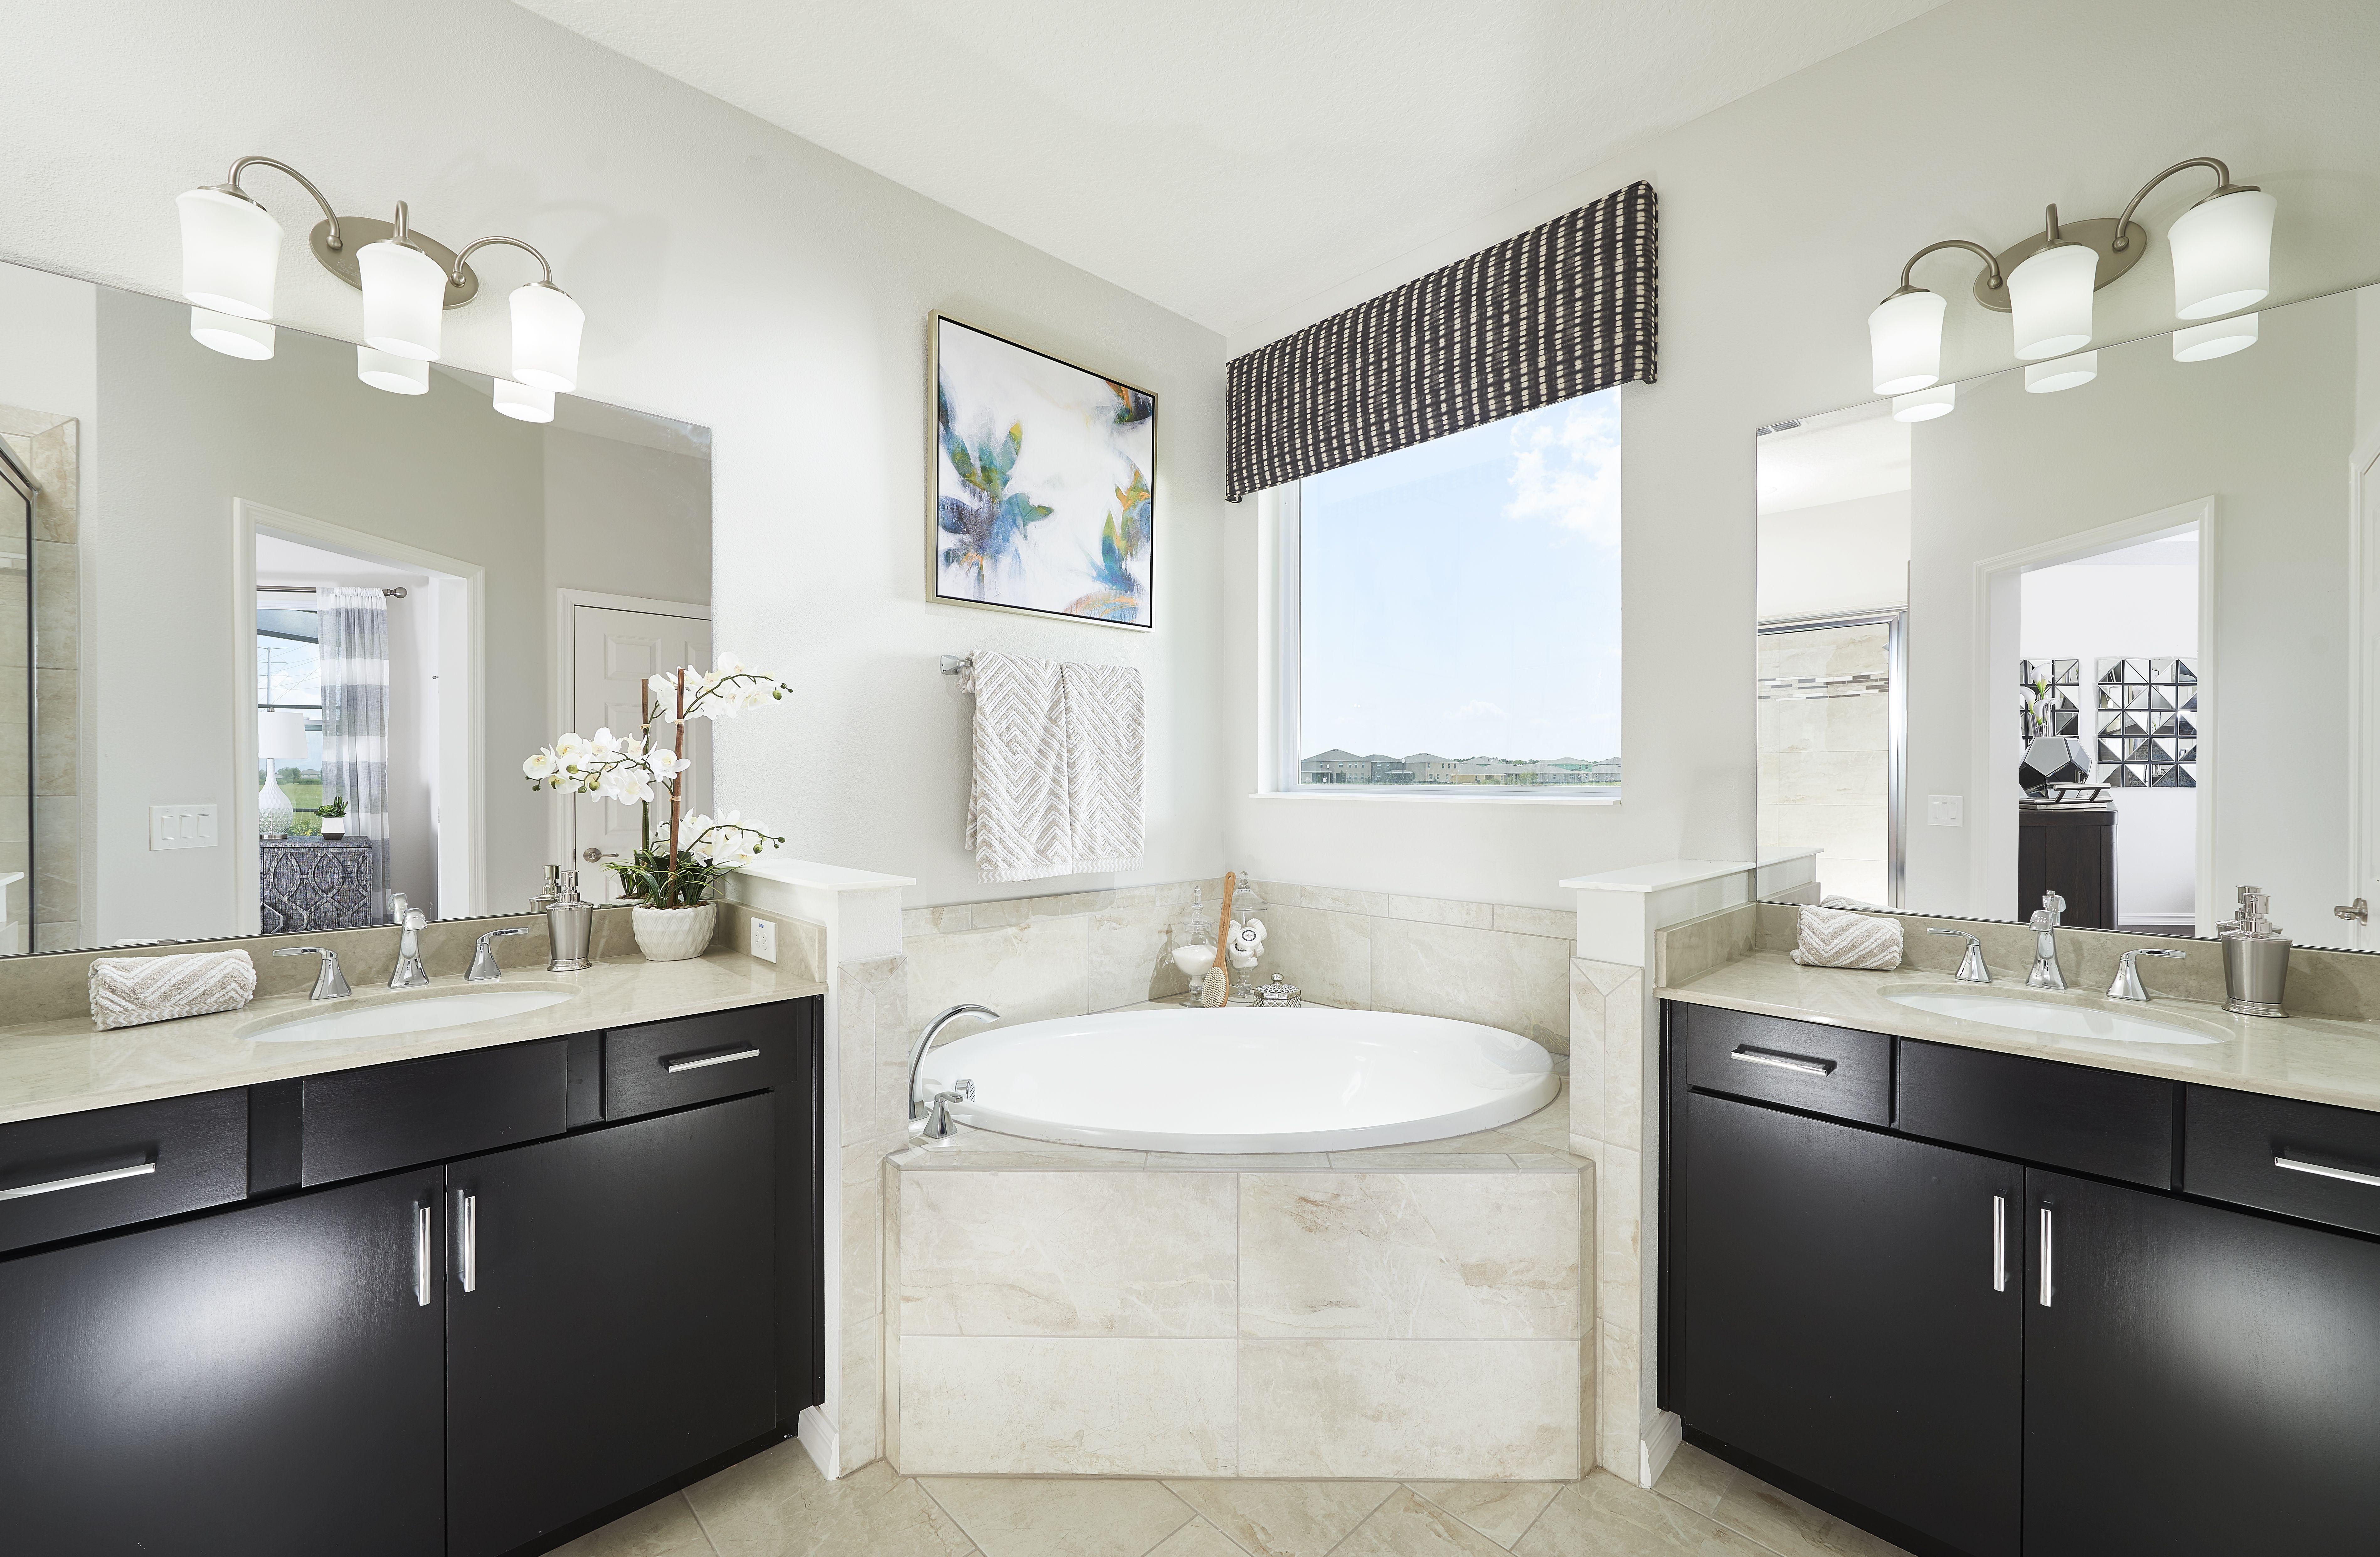 Crofton springs residential resort living providence fl